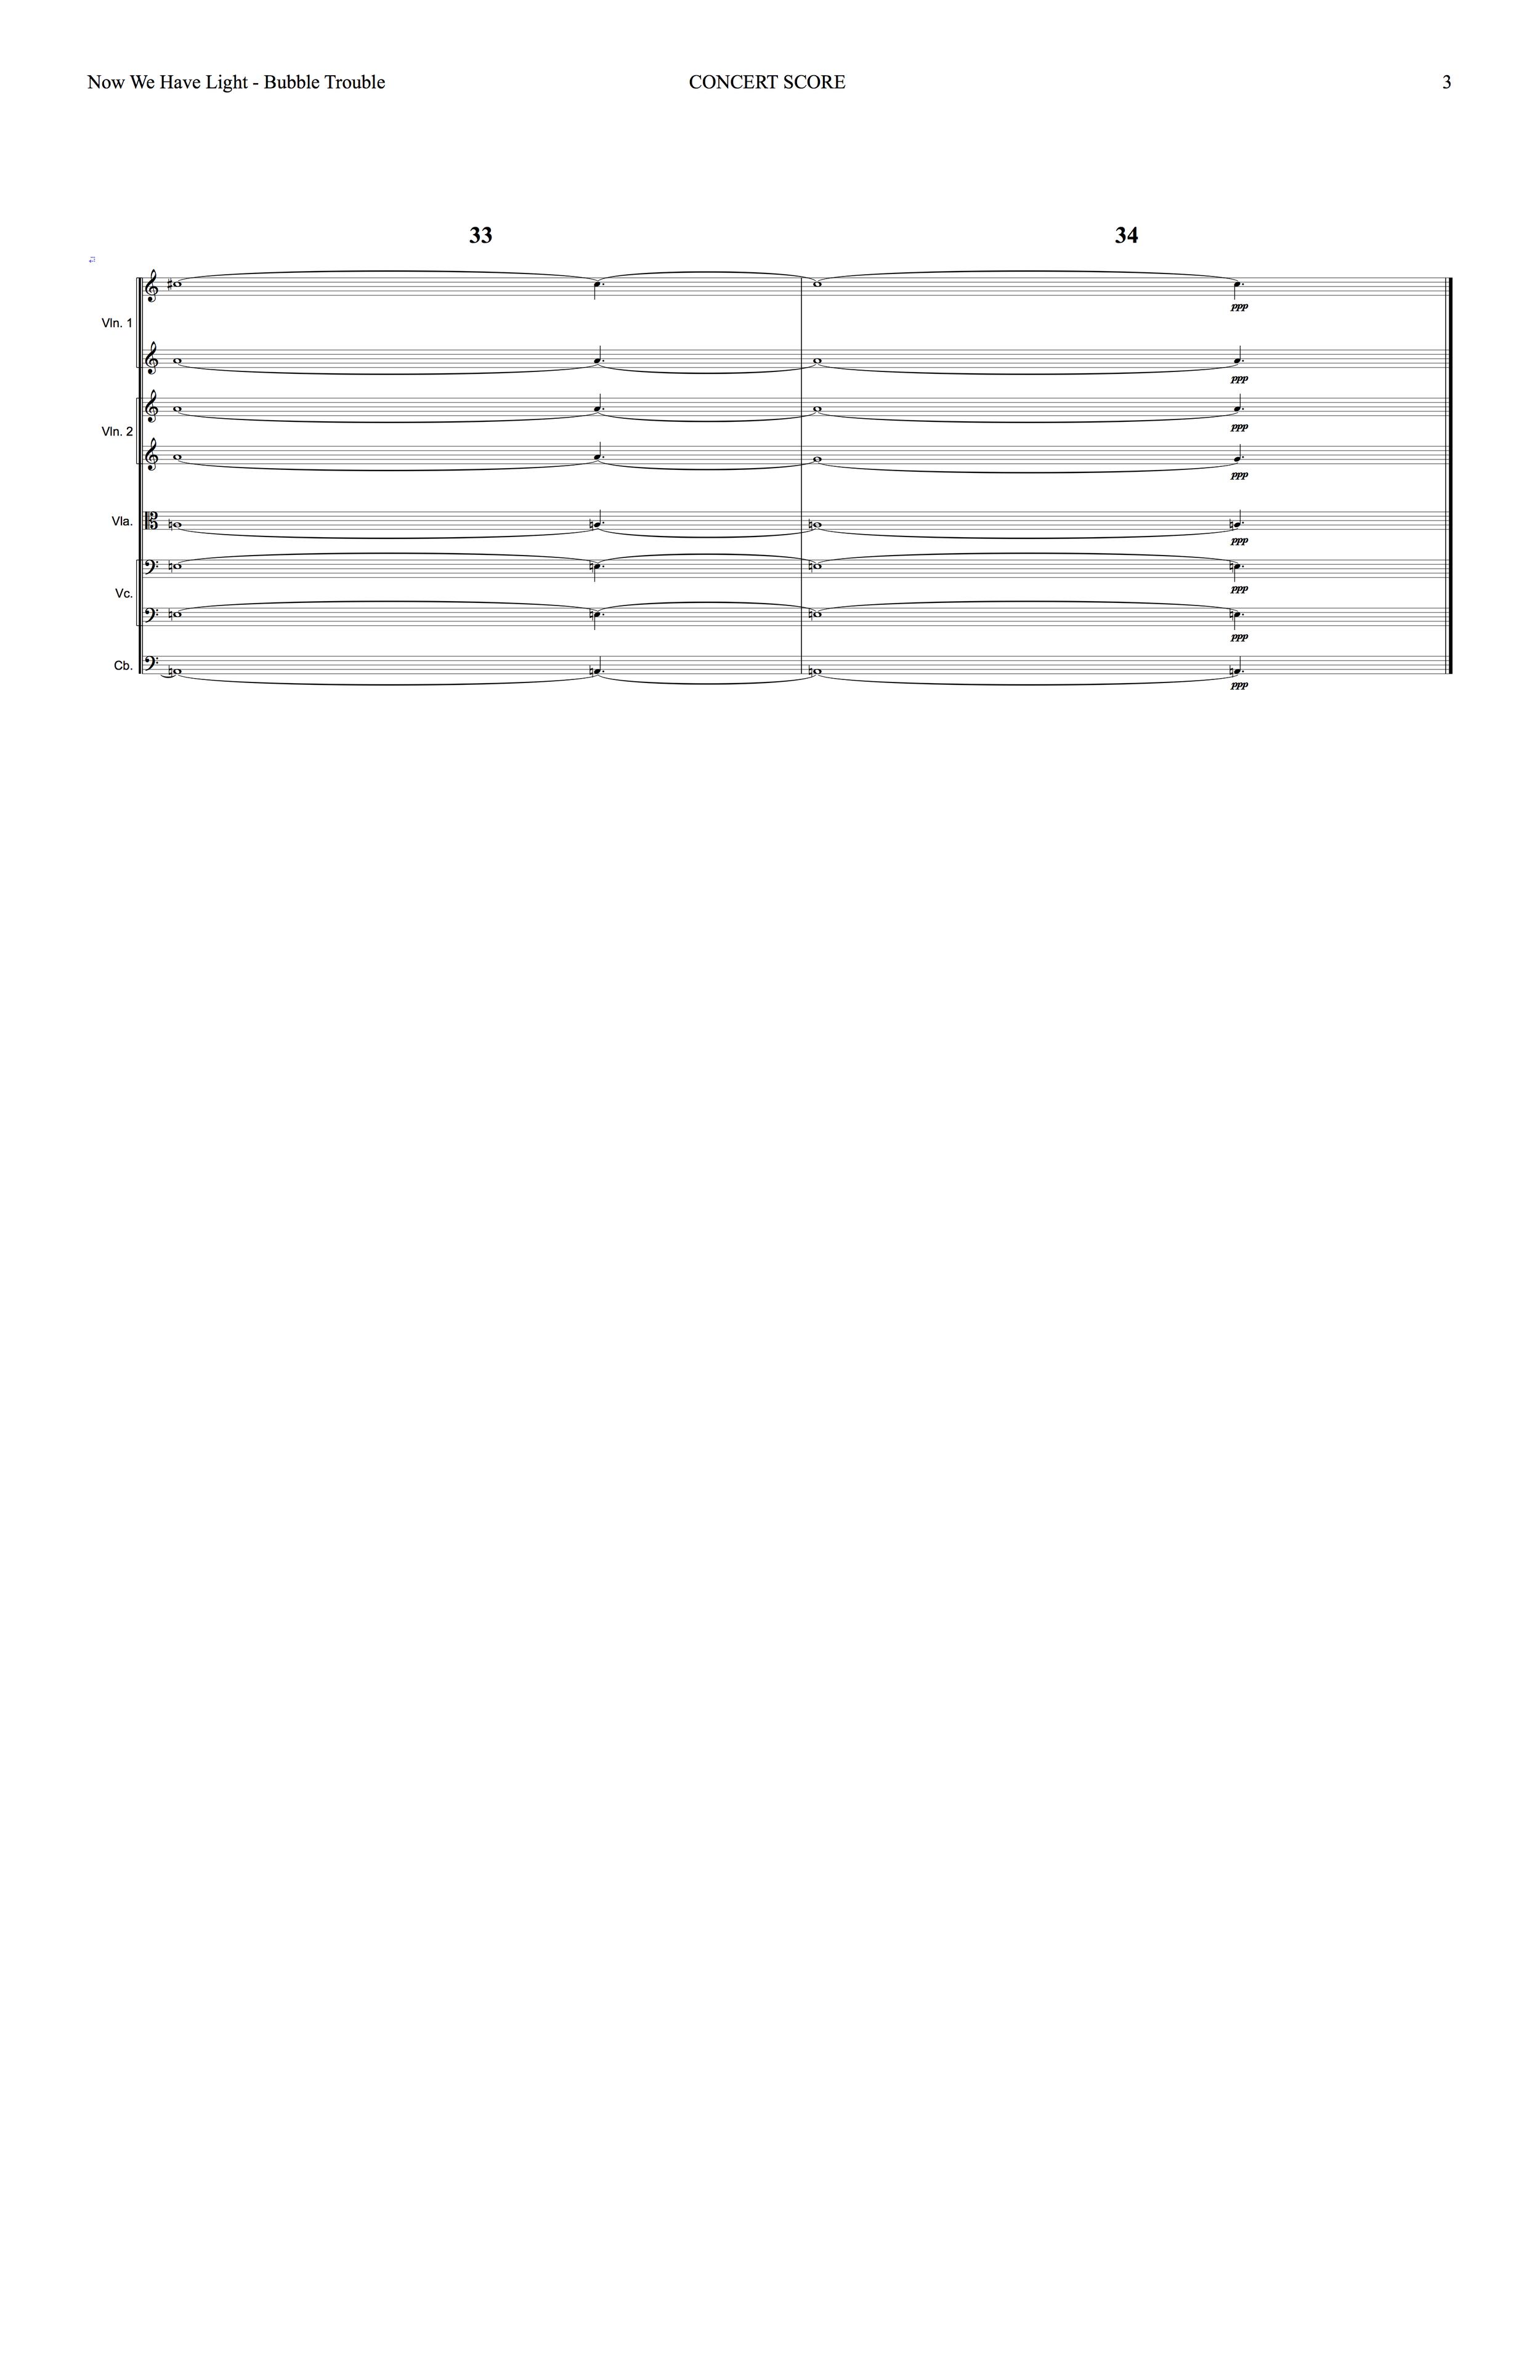 Sanguine Hum - 'Bubble Trouble' - string arrangement page 3